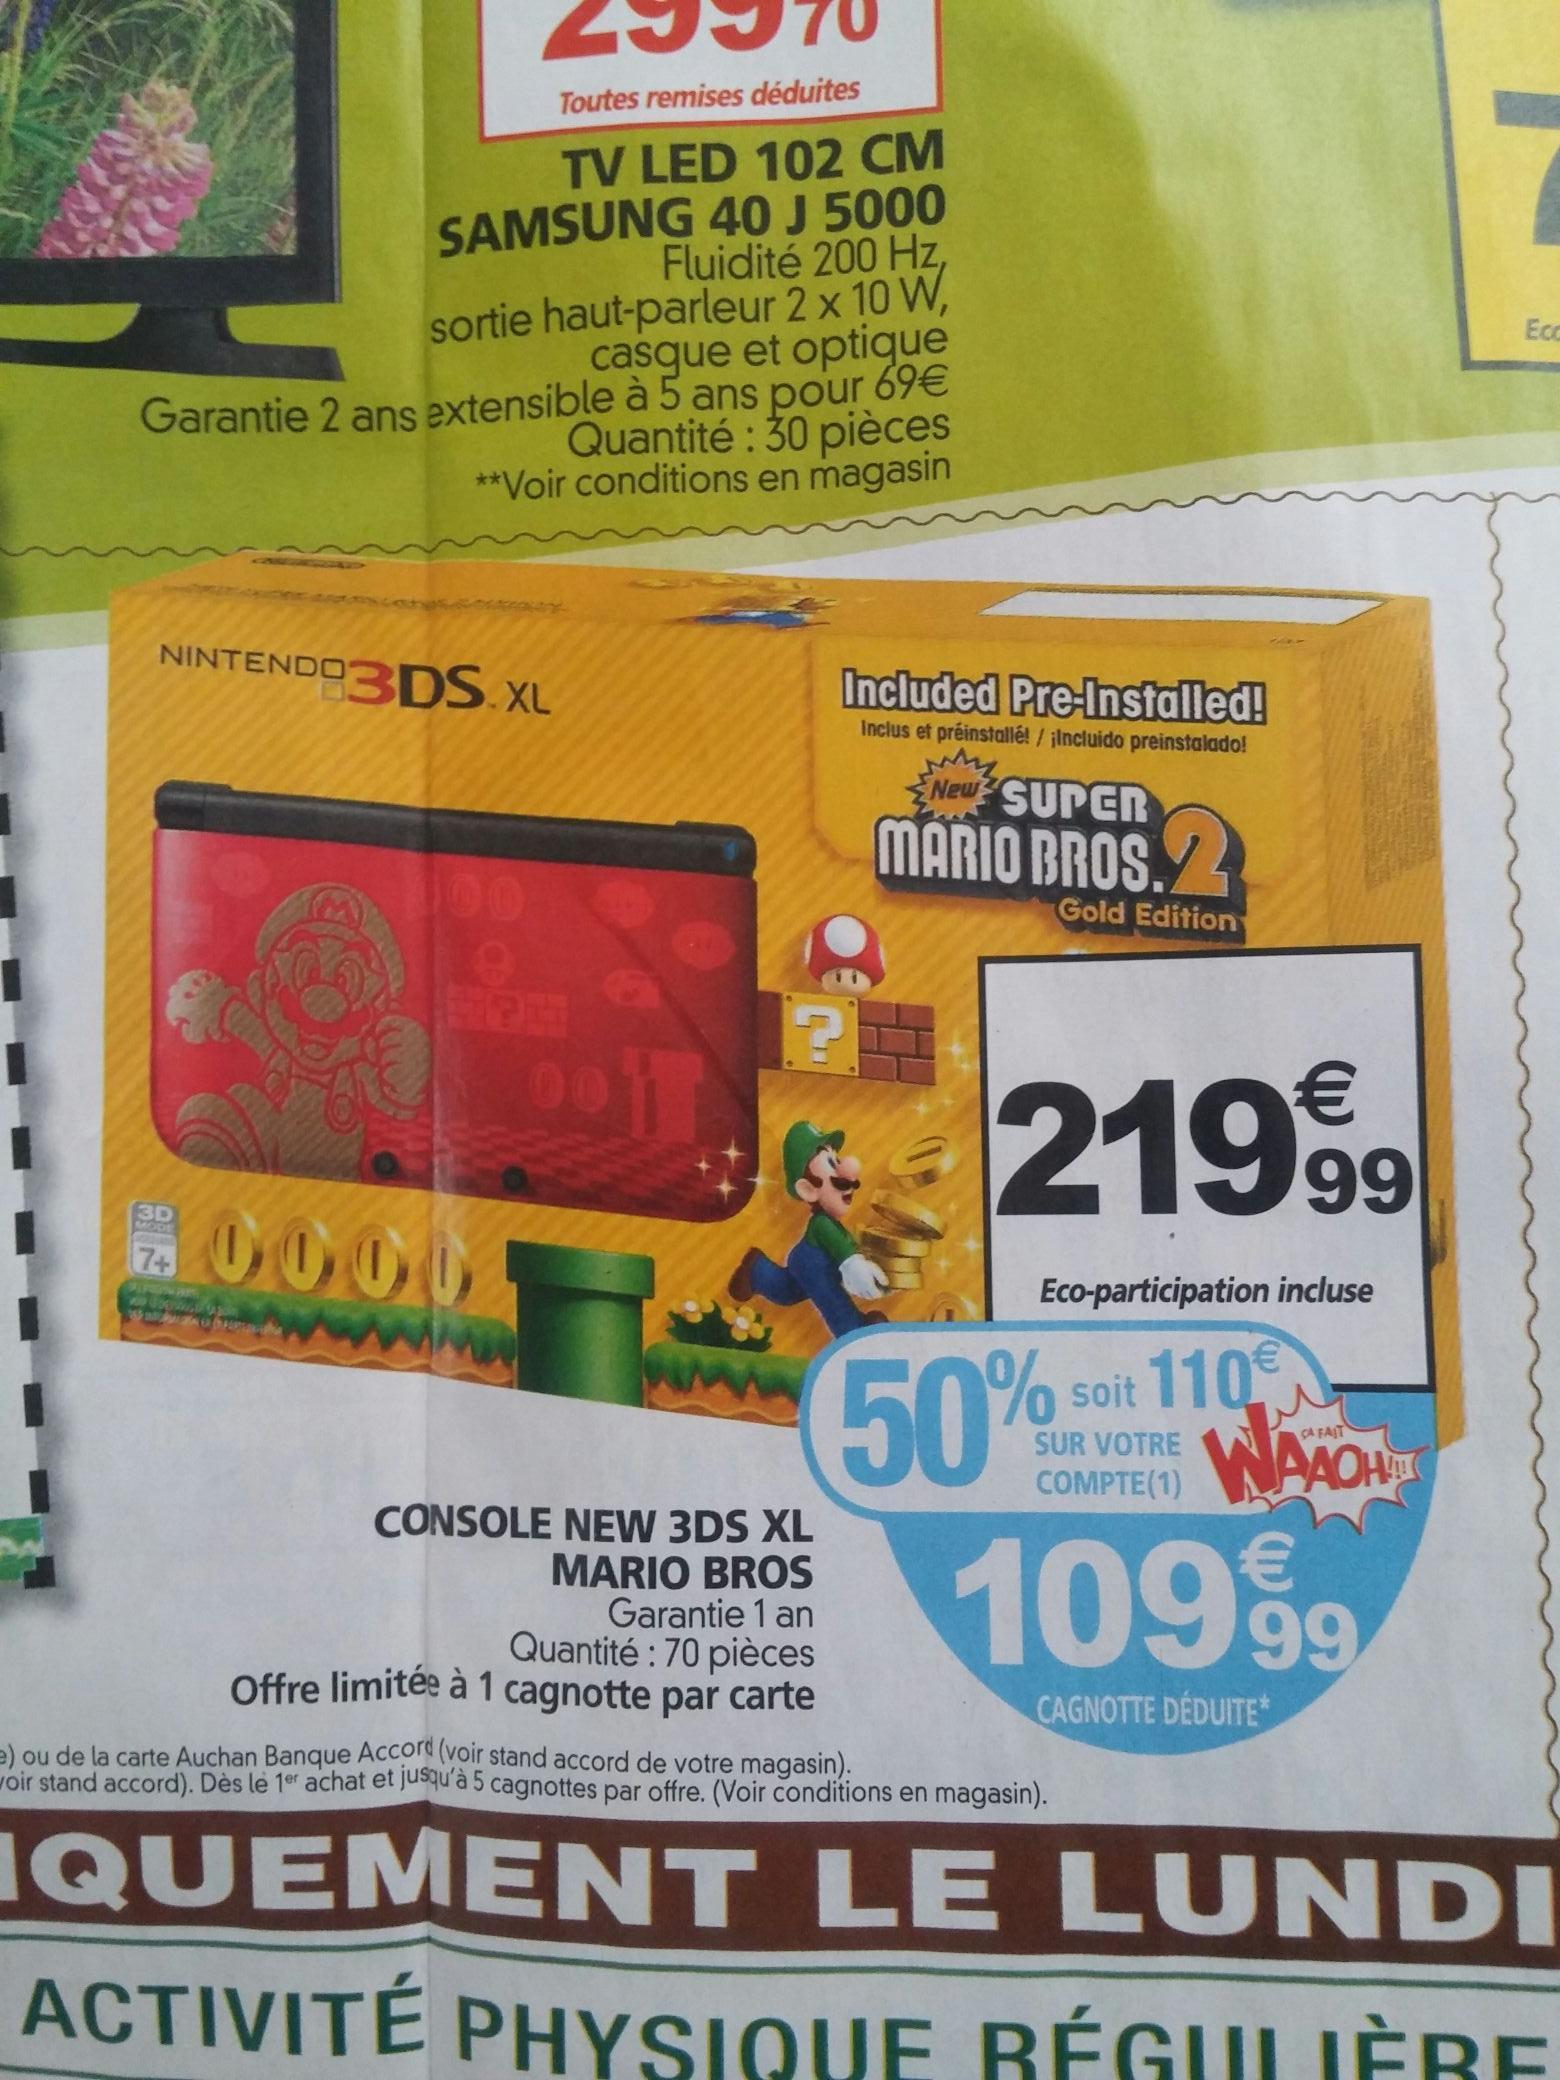 Console 3DS XL Super mario bros 2 (avec 110€ sur la carte)